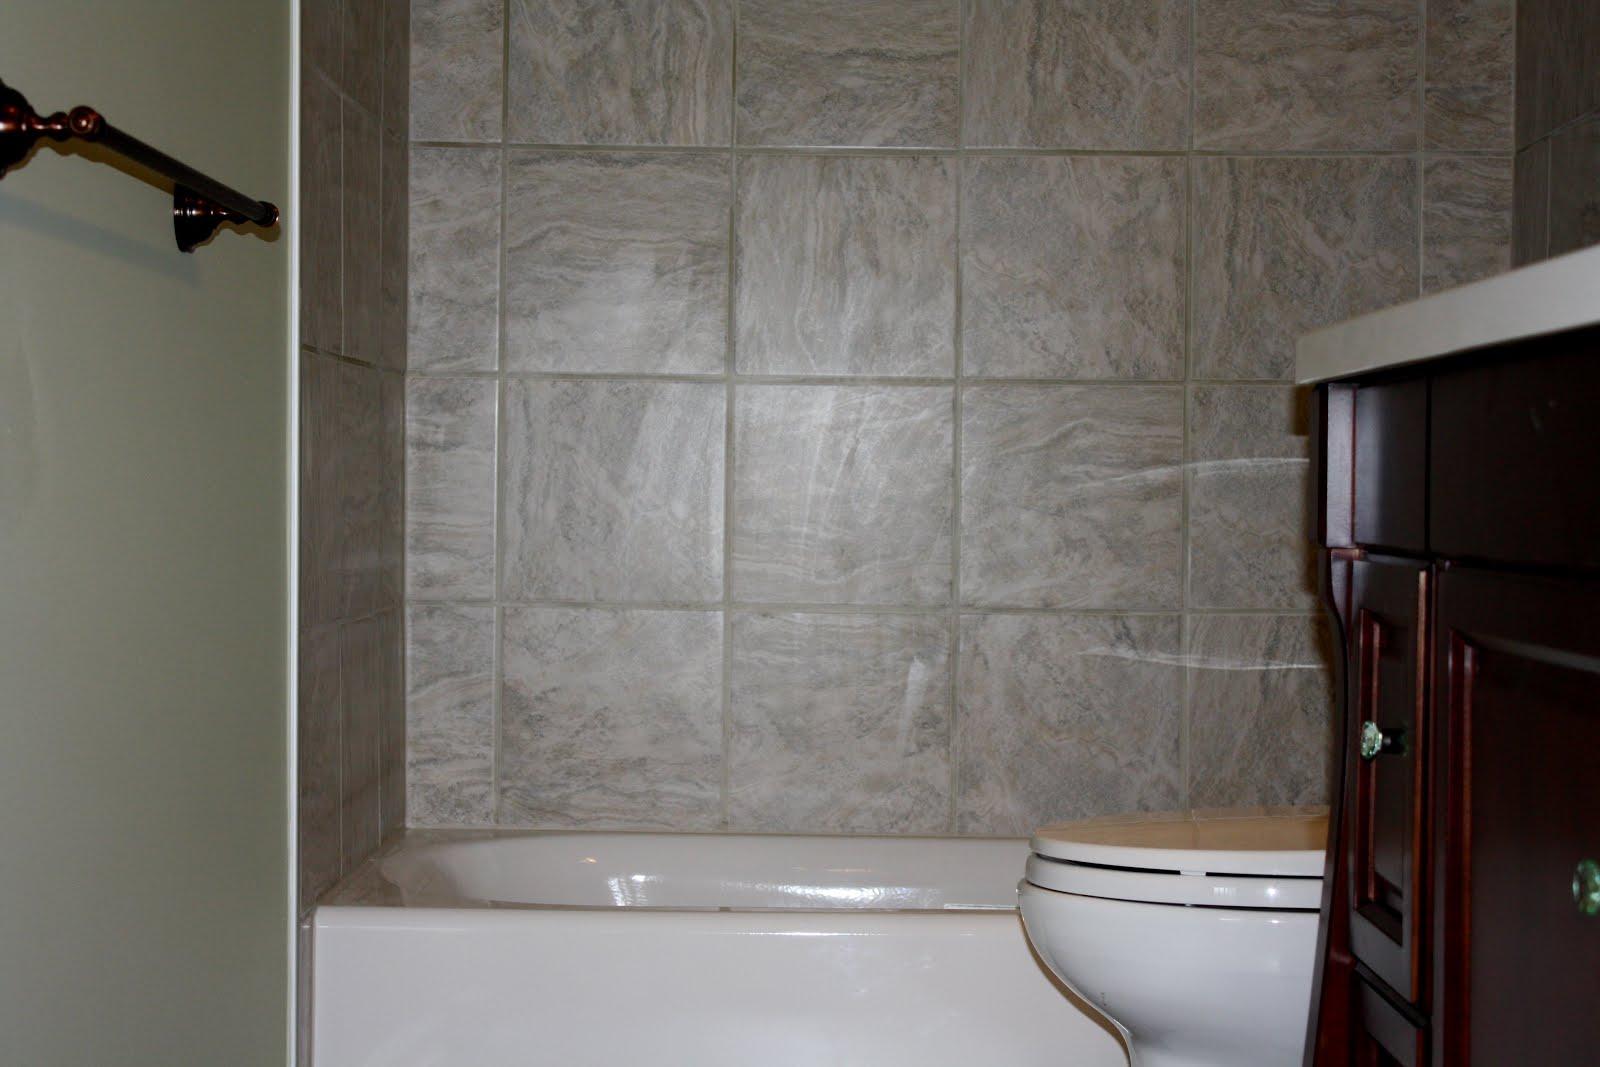 linoleum flooring in bathroom - wood floors